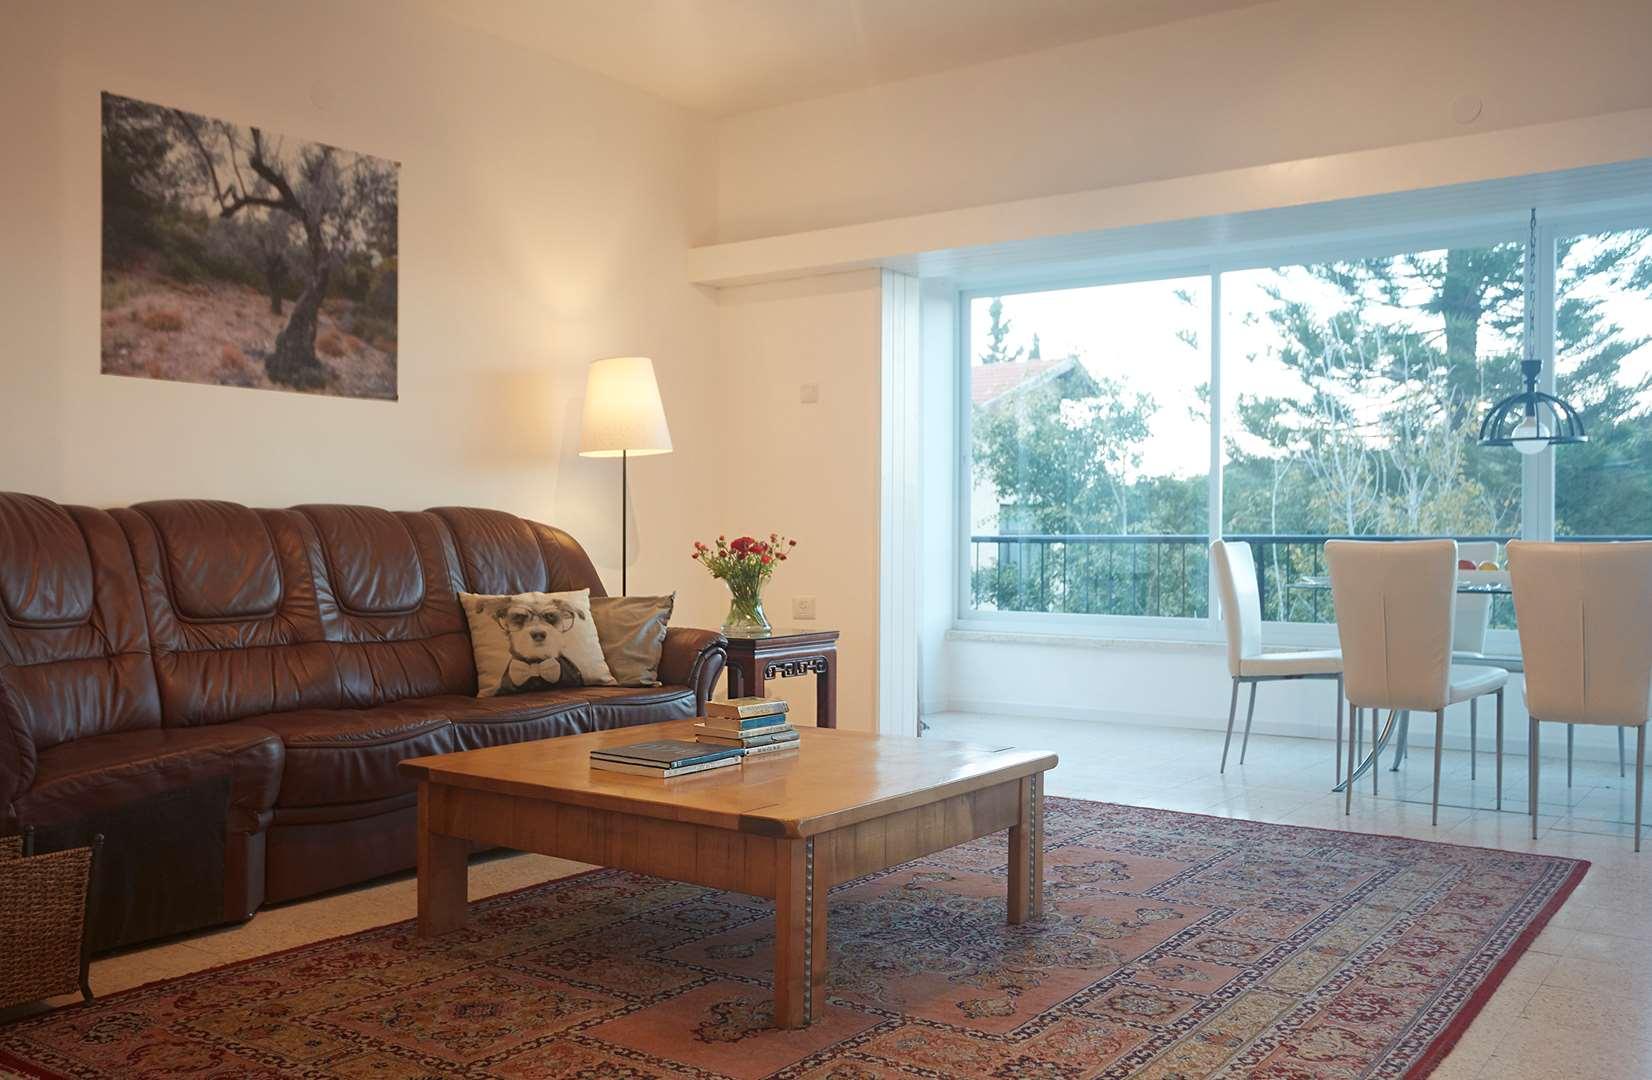 דו משפחתי למכירה 4.5 חדרים בחיפה מדרגות זרובבל